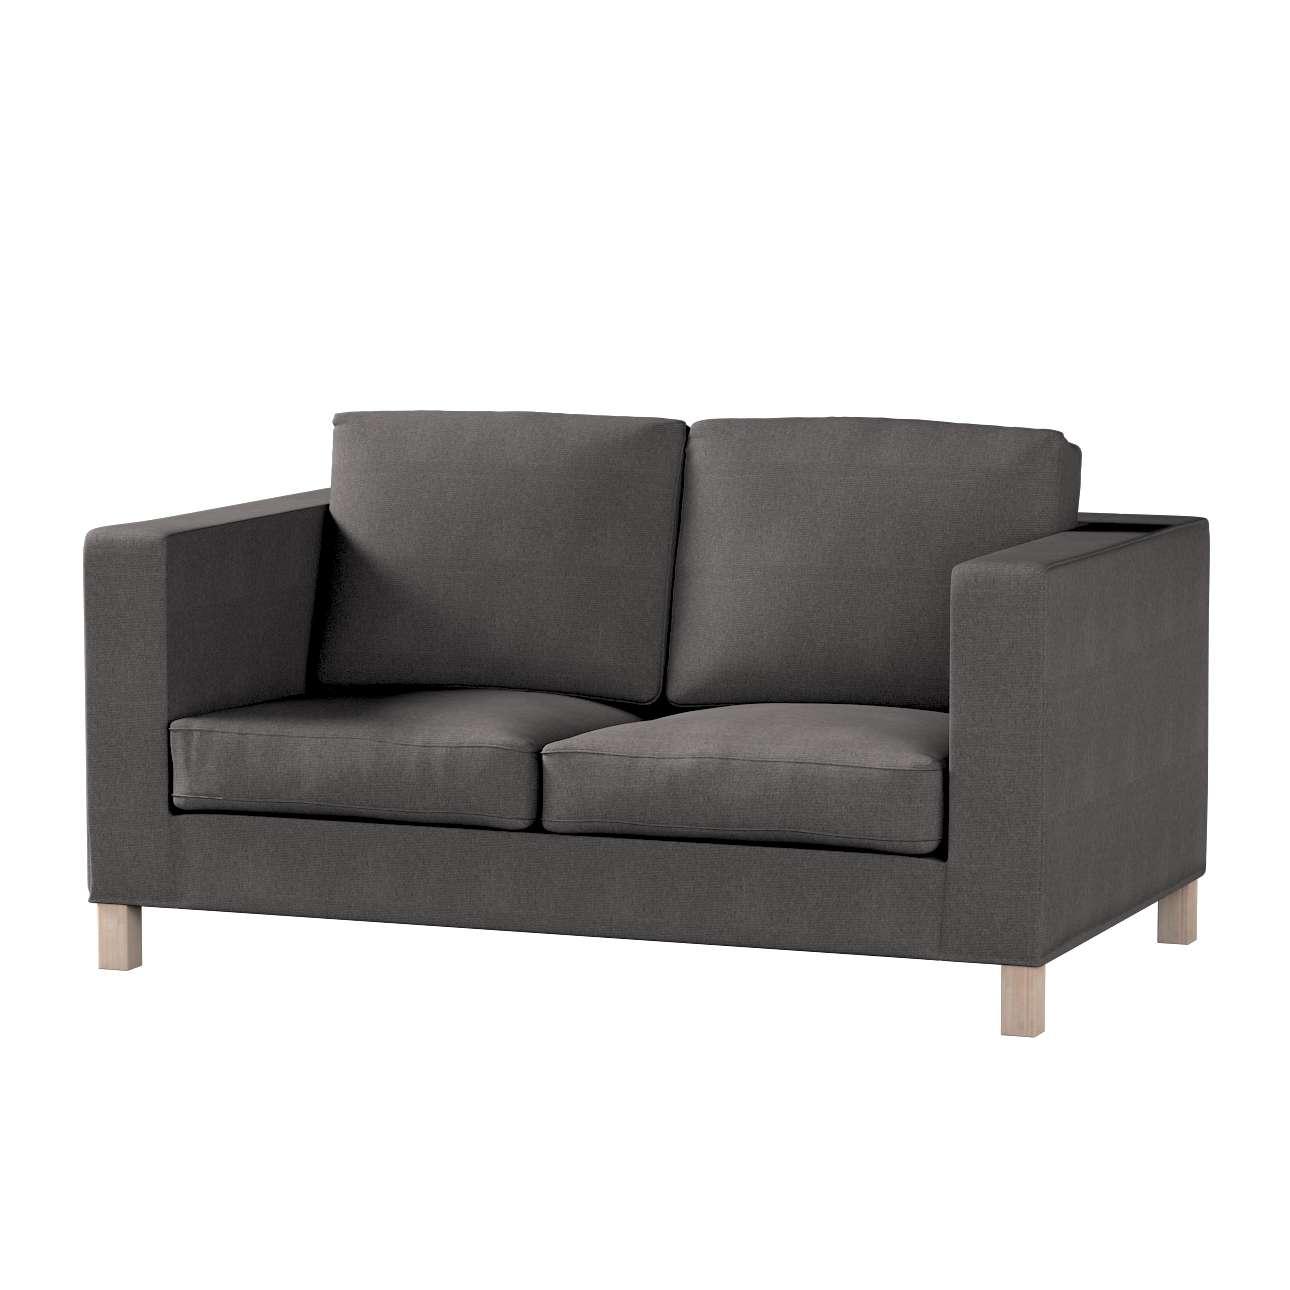 Karlanda 2-Sitzer Sofabezug nicht ausklappbar kurz Karlanda 2-Sitzer von der Kollektion Etna, Stoff: 705-35